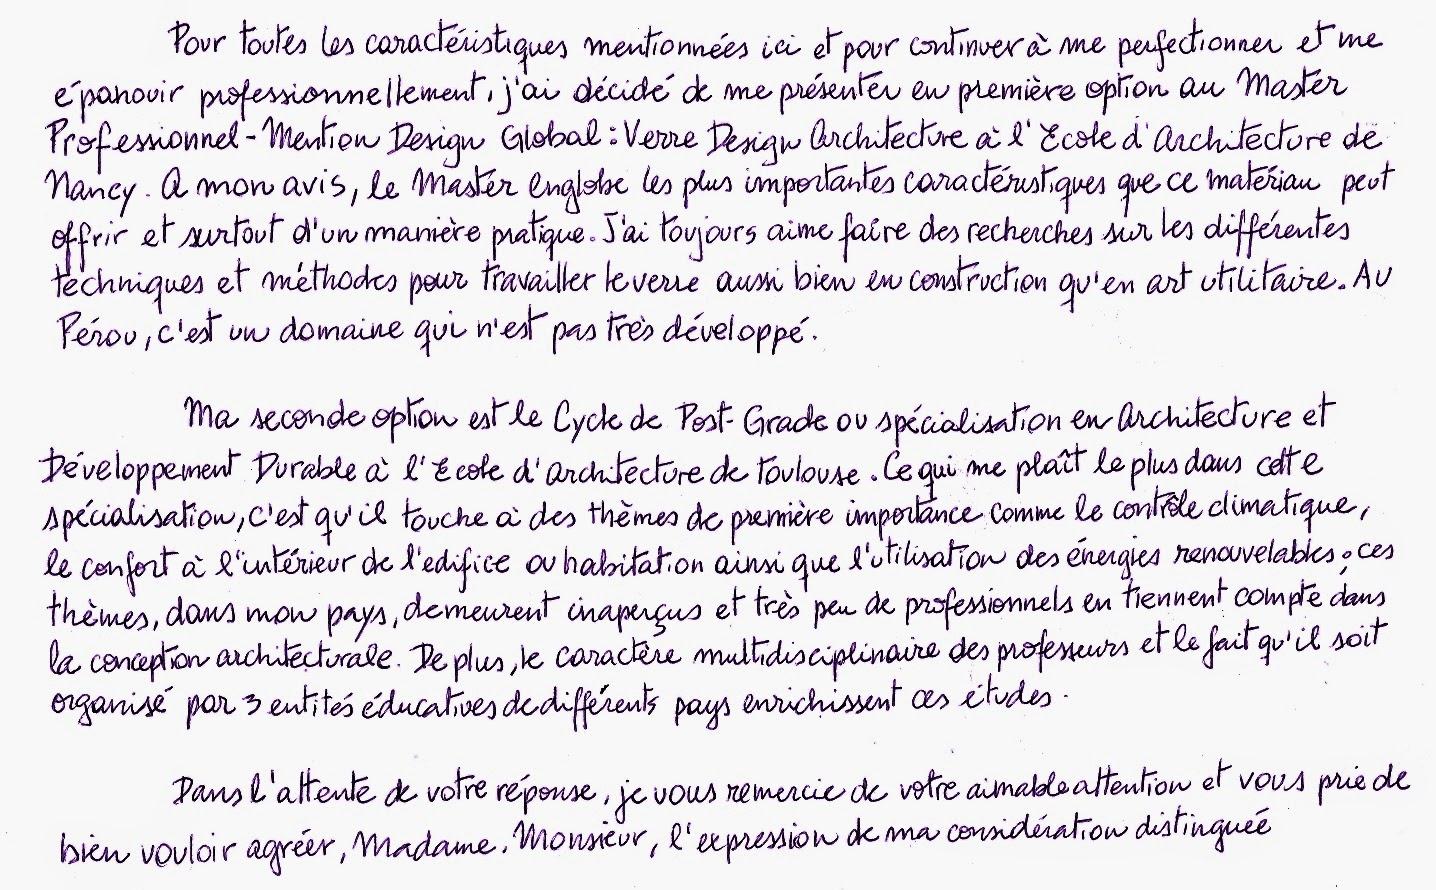 como redactar una carta de motivaci u00f3n en franc u00e9s